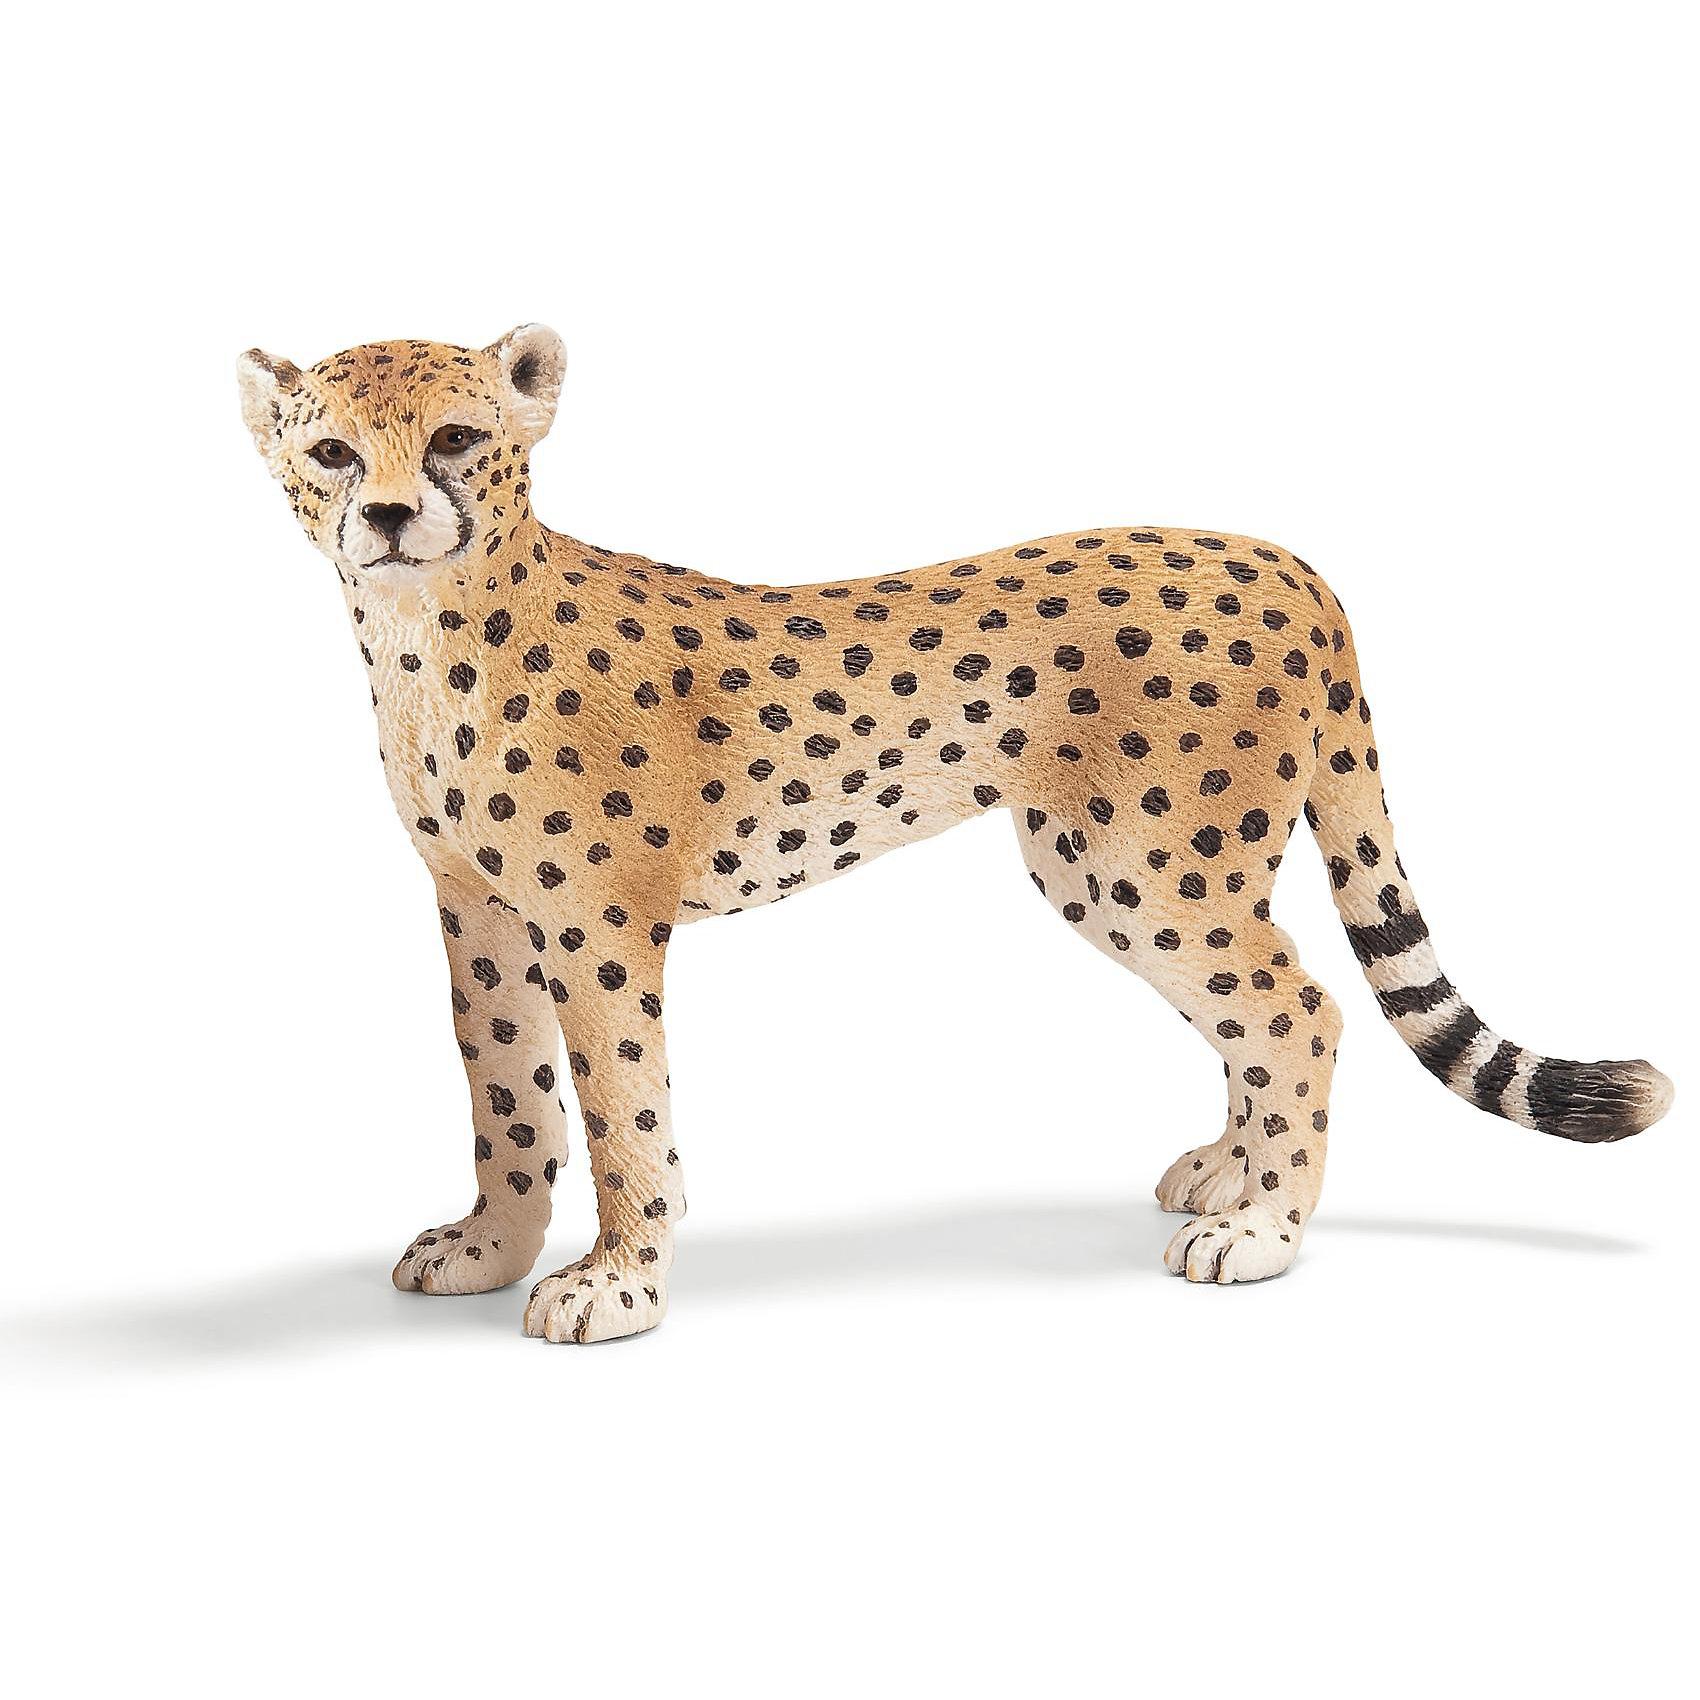 Самка гепарда, SchleichМир животных<br>Все фигурки выполнены из высококачественных материалов с максимальной точностью и раскрашены в ручную. Не вызывает аллергии.  <br><br>Великолепно выполненные и раскрашенные вручную животные, созданные при тесном сотрудничестве с Берлинским зоопарком, никого не оставят равнодушными. <br><br>В разработке каждой фигурки компания Schleich (Шляйх) опирается на исследования в области педагогики, создавая маленькие произведения для маленьких ручек.<br><br>Дополнительная информация:<br><br>Материал: каучуковый пластик<br>Размеры: 9,8 x 3,3 x 6,5 см<br><br>Самку гепарда, Schleich (Шляйх) можно купить в нашем магазине.<br><br>Ширина мм: 107<br>Глубина мм: 86<br>Высота мм: 27<br>Вес г: 32<br>Возраст от месяцев: 36<br>Возраст до месяцев: 96<br>Пол: Унисекс<br>Возраст: Детский<br>SKU: 1978649